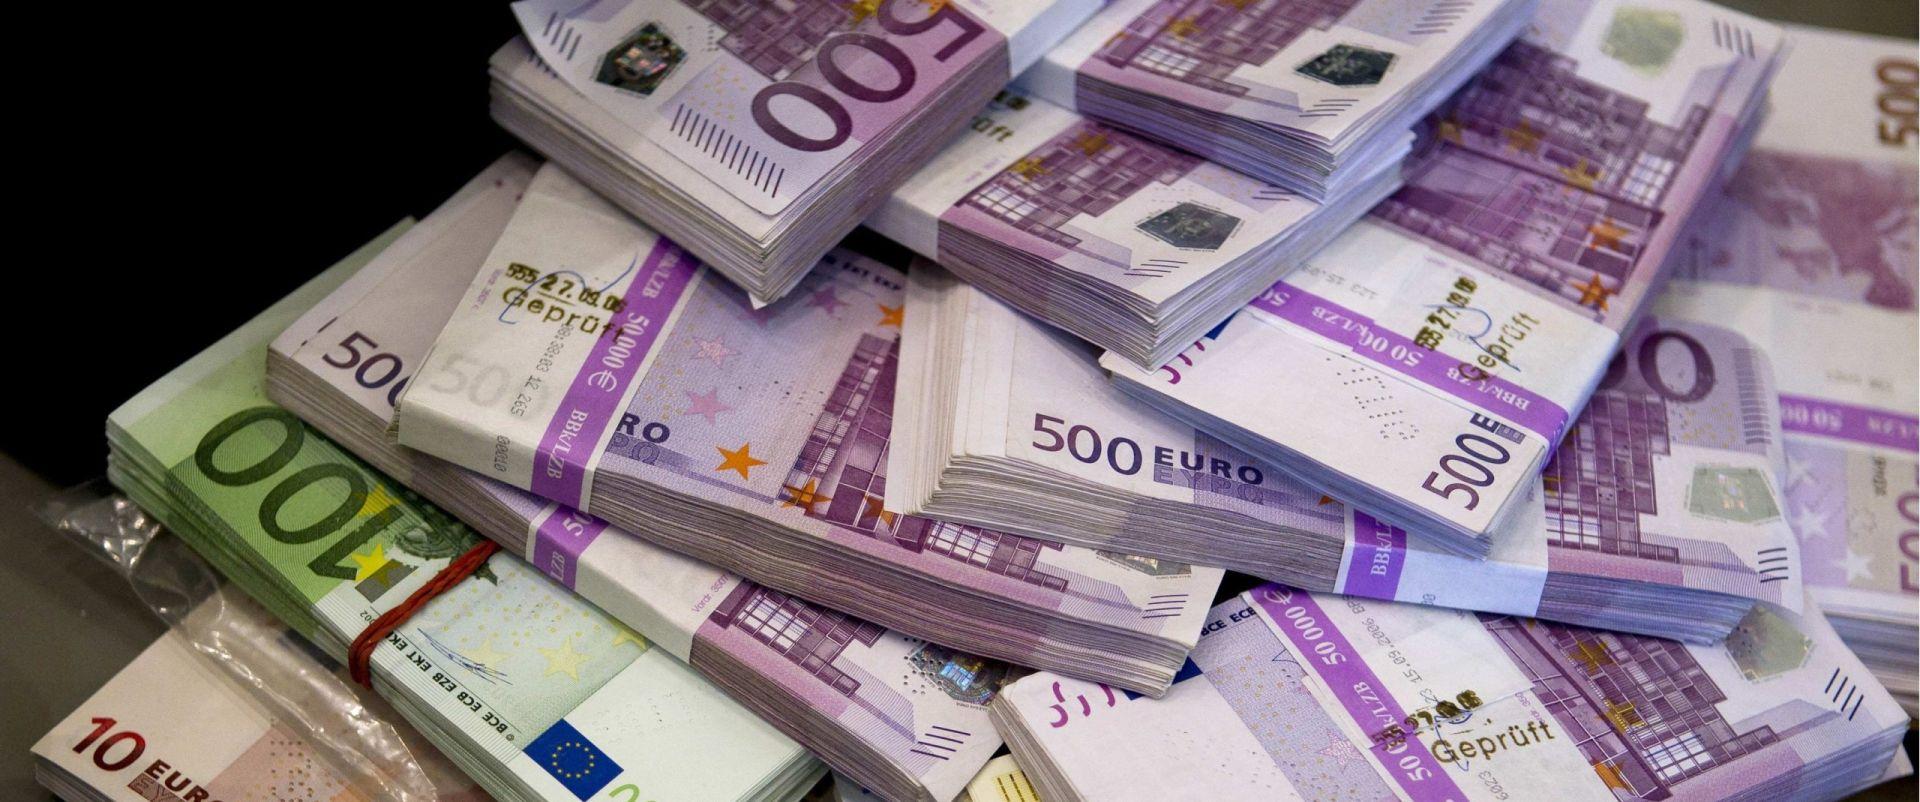 Hanžeković otkrio kada će Ježić vratiti pet milijuna eura